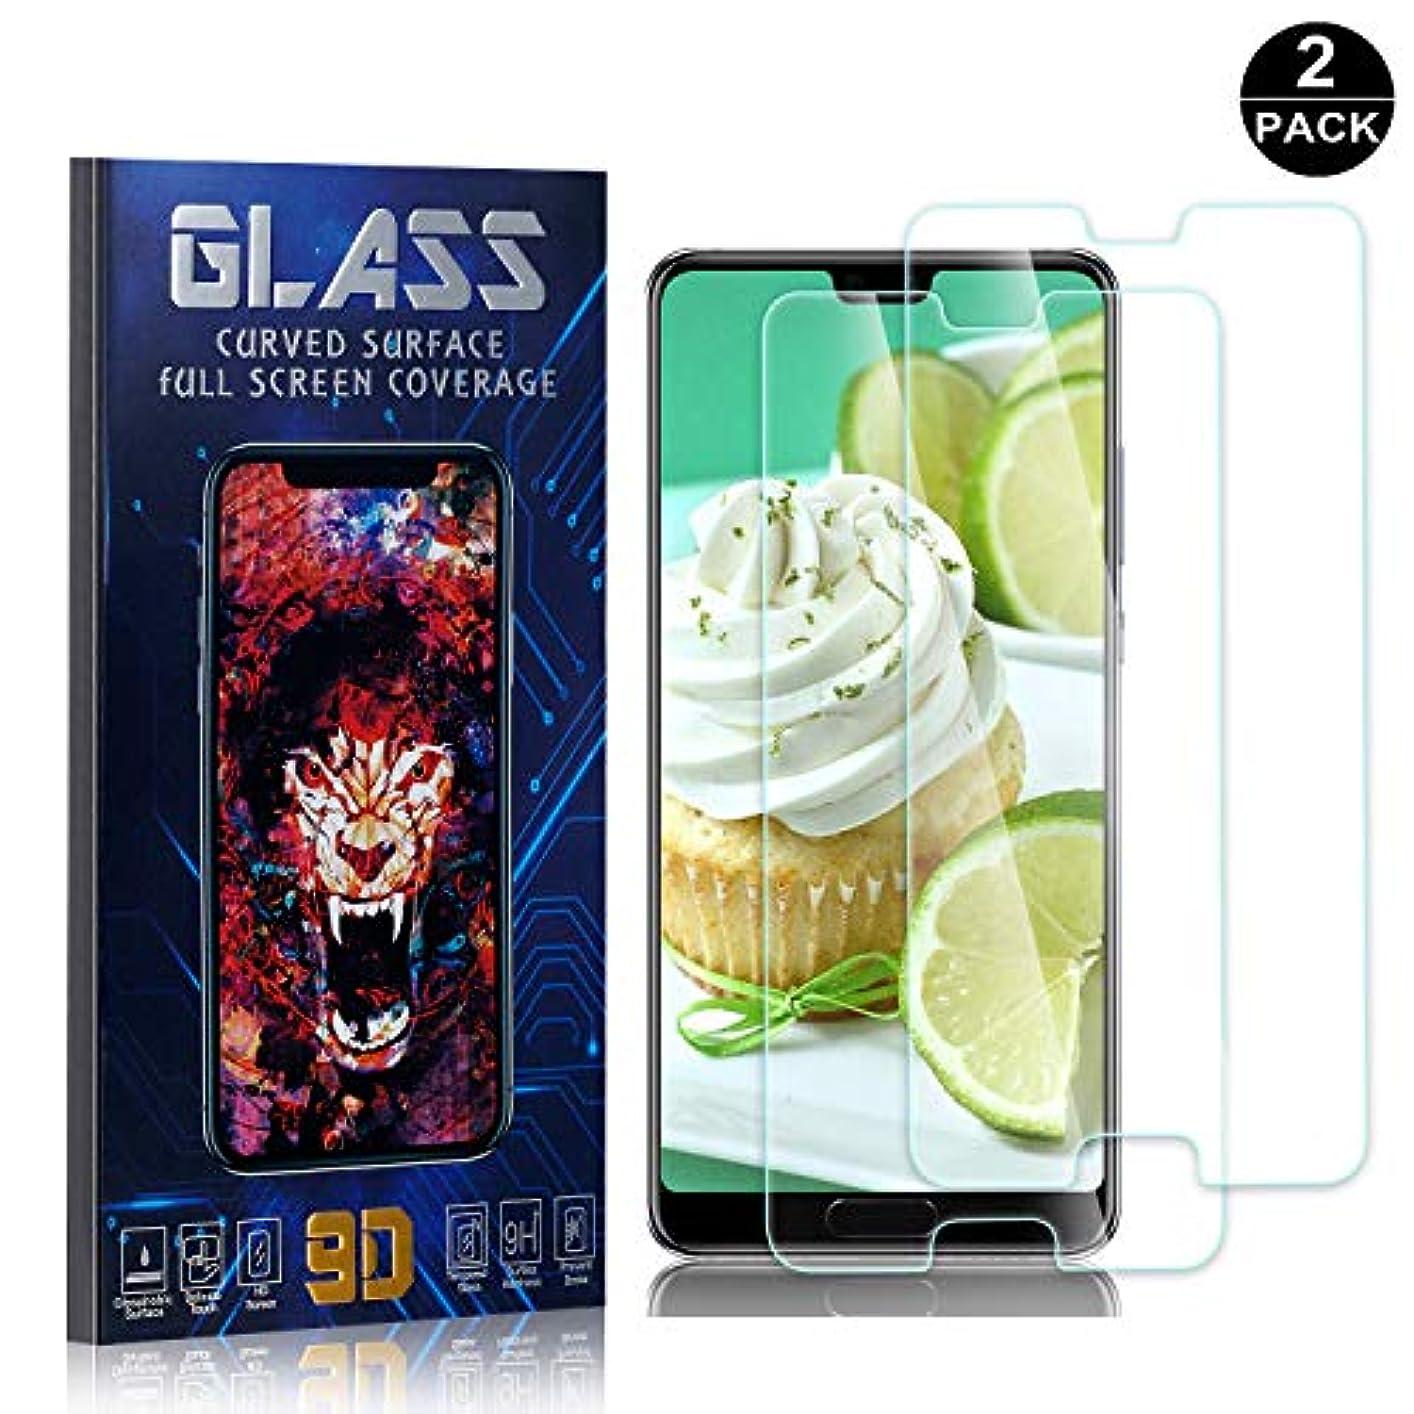 日曜日お父さんオーバーフロー【2枚セット】 Huawei P20 超薄 フィルム CUNUS Huawei P20 専用設計 硬度9H 耐衝撃 強化ガラスフィルム 気泡防止 飛散防止 超薄0.26mm 高透明度で 液晶保護フィルム